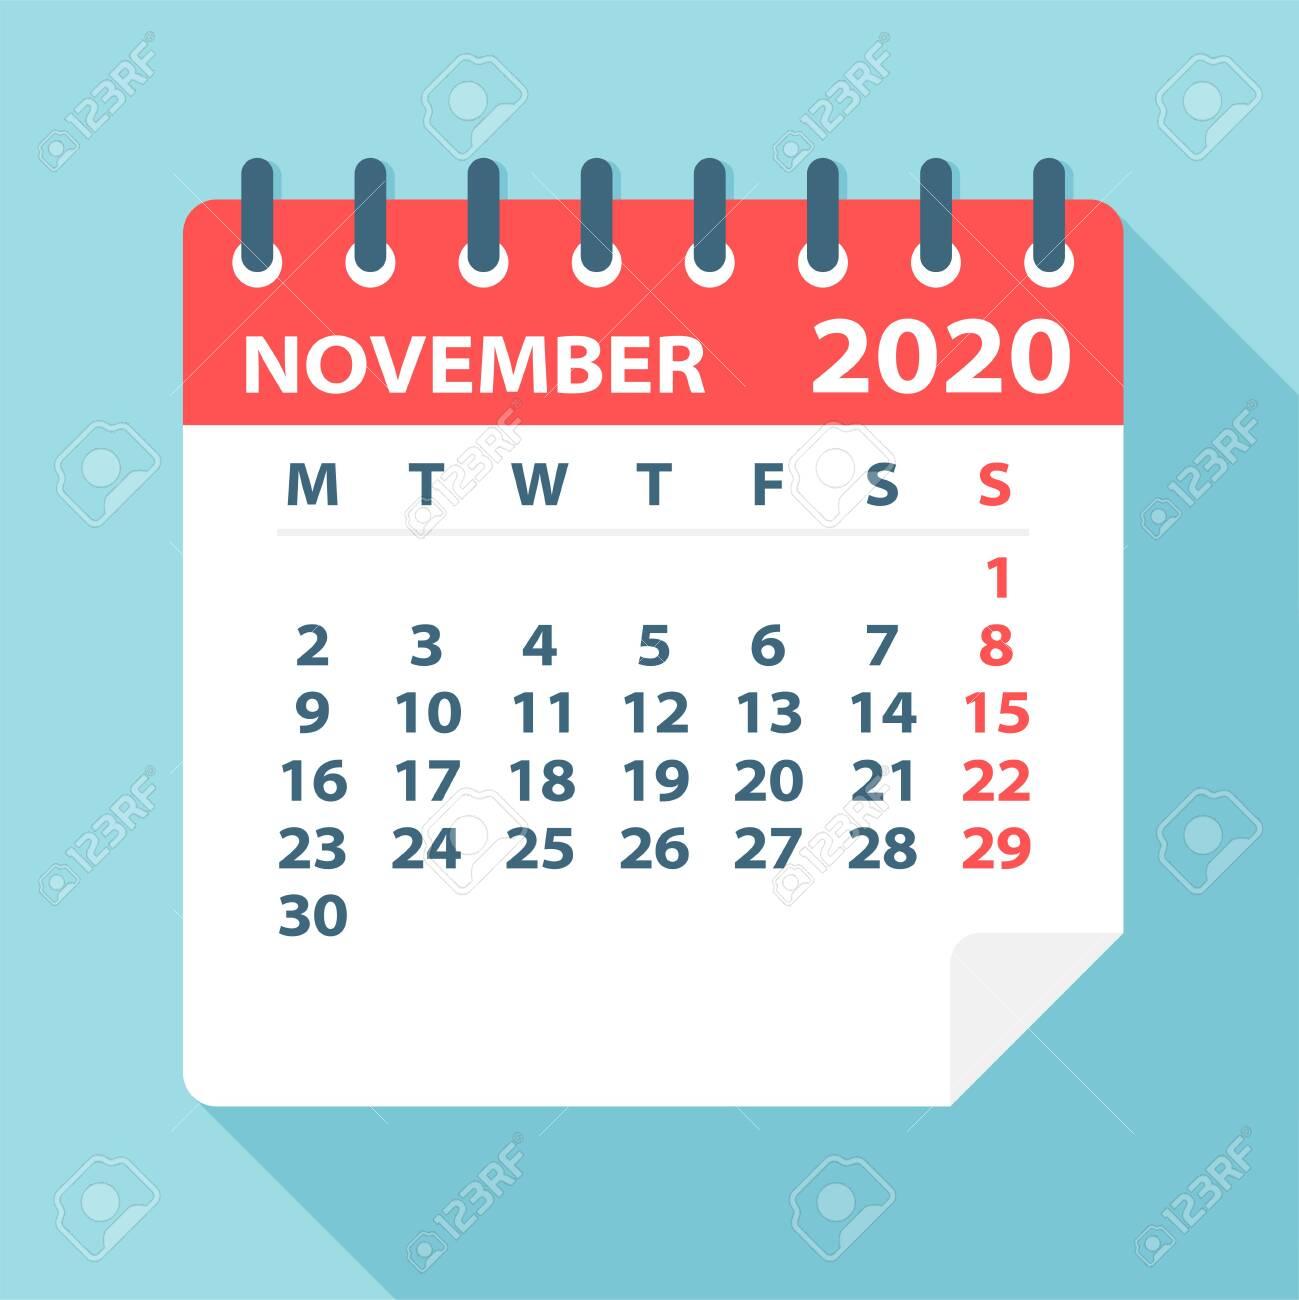 November 2020 Calendar Leaf  Illustration. Vector Graphic Page intended for November Calendar Clipart Free